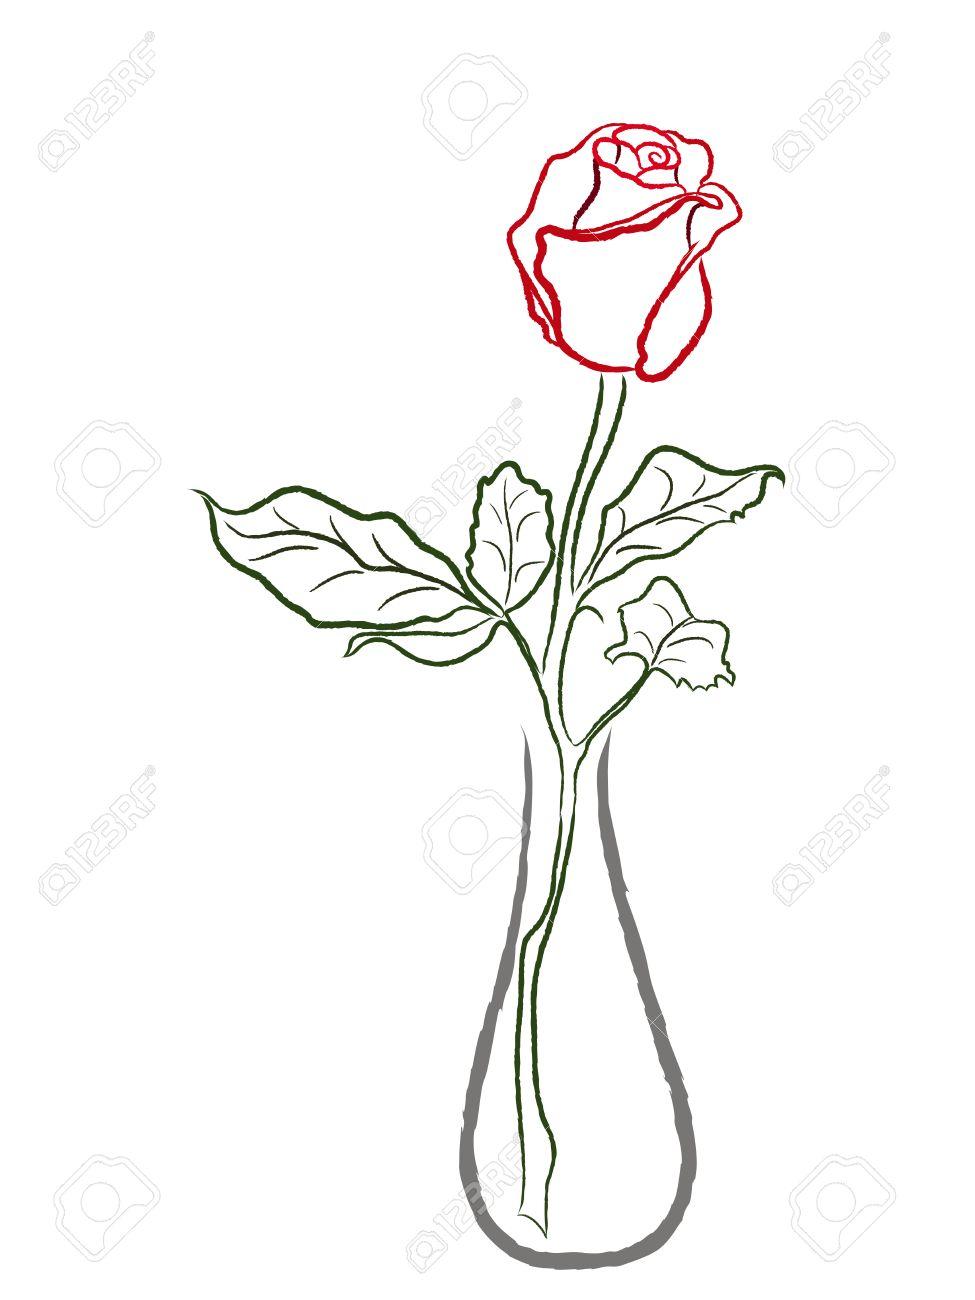 Rose Rouge Stylisee Dans Un Vase Isole Sur Fond Blanc Dessin A La